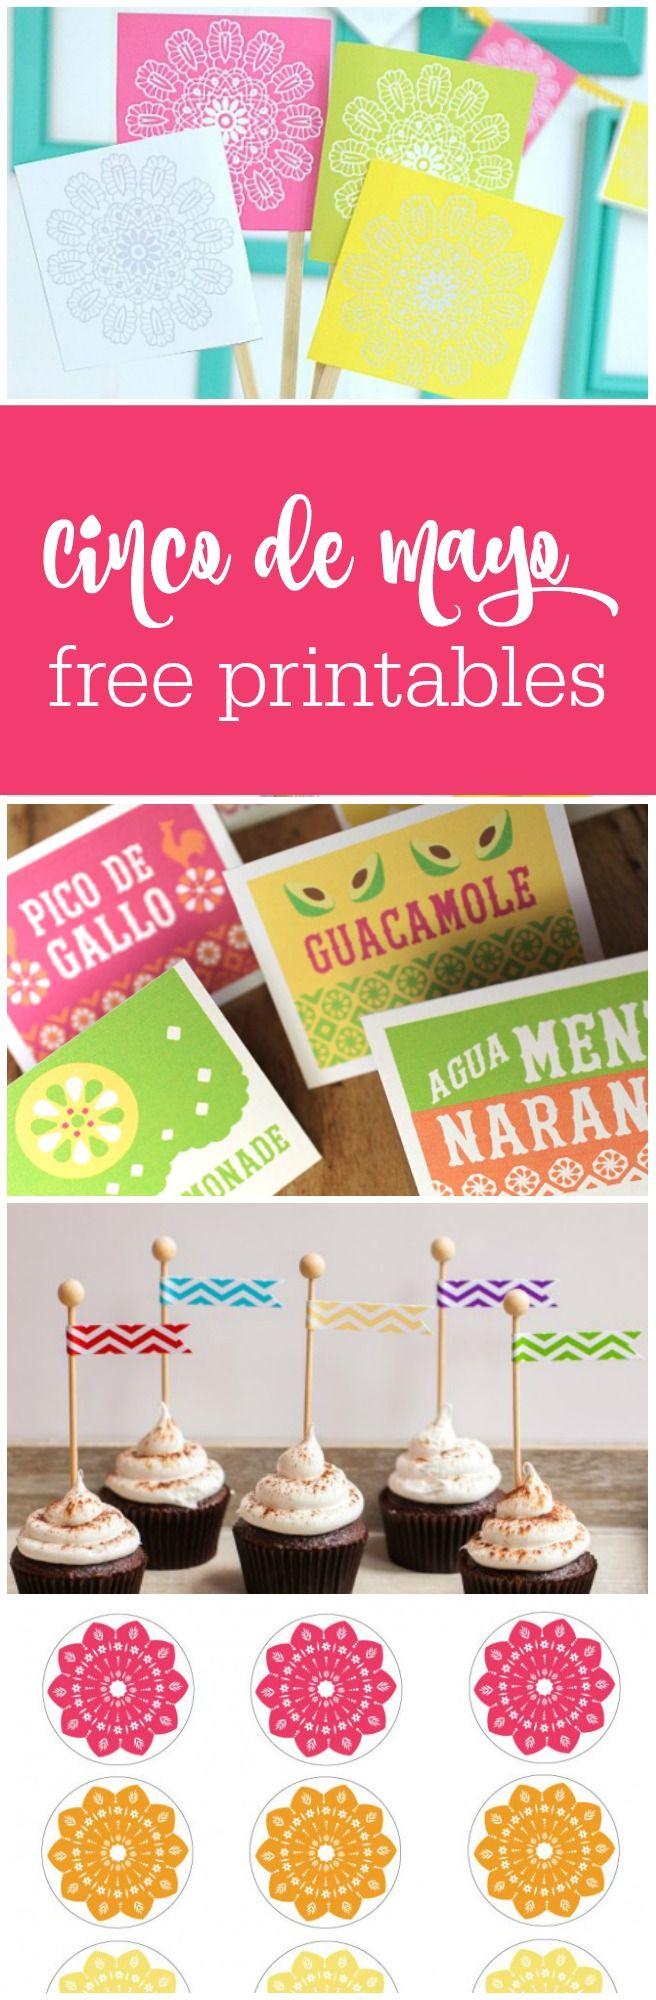 13 free Cinco de Mayo printables